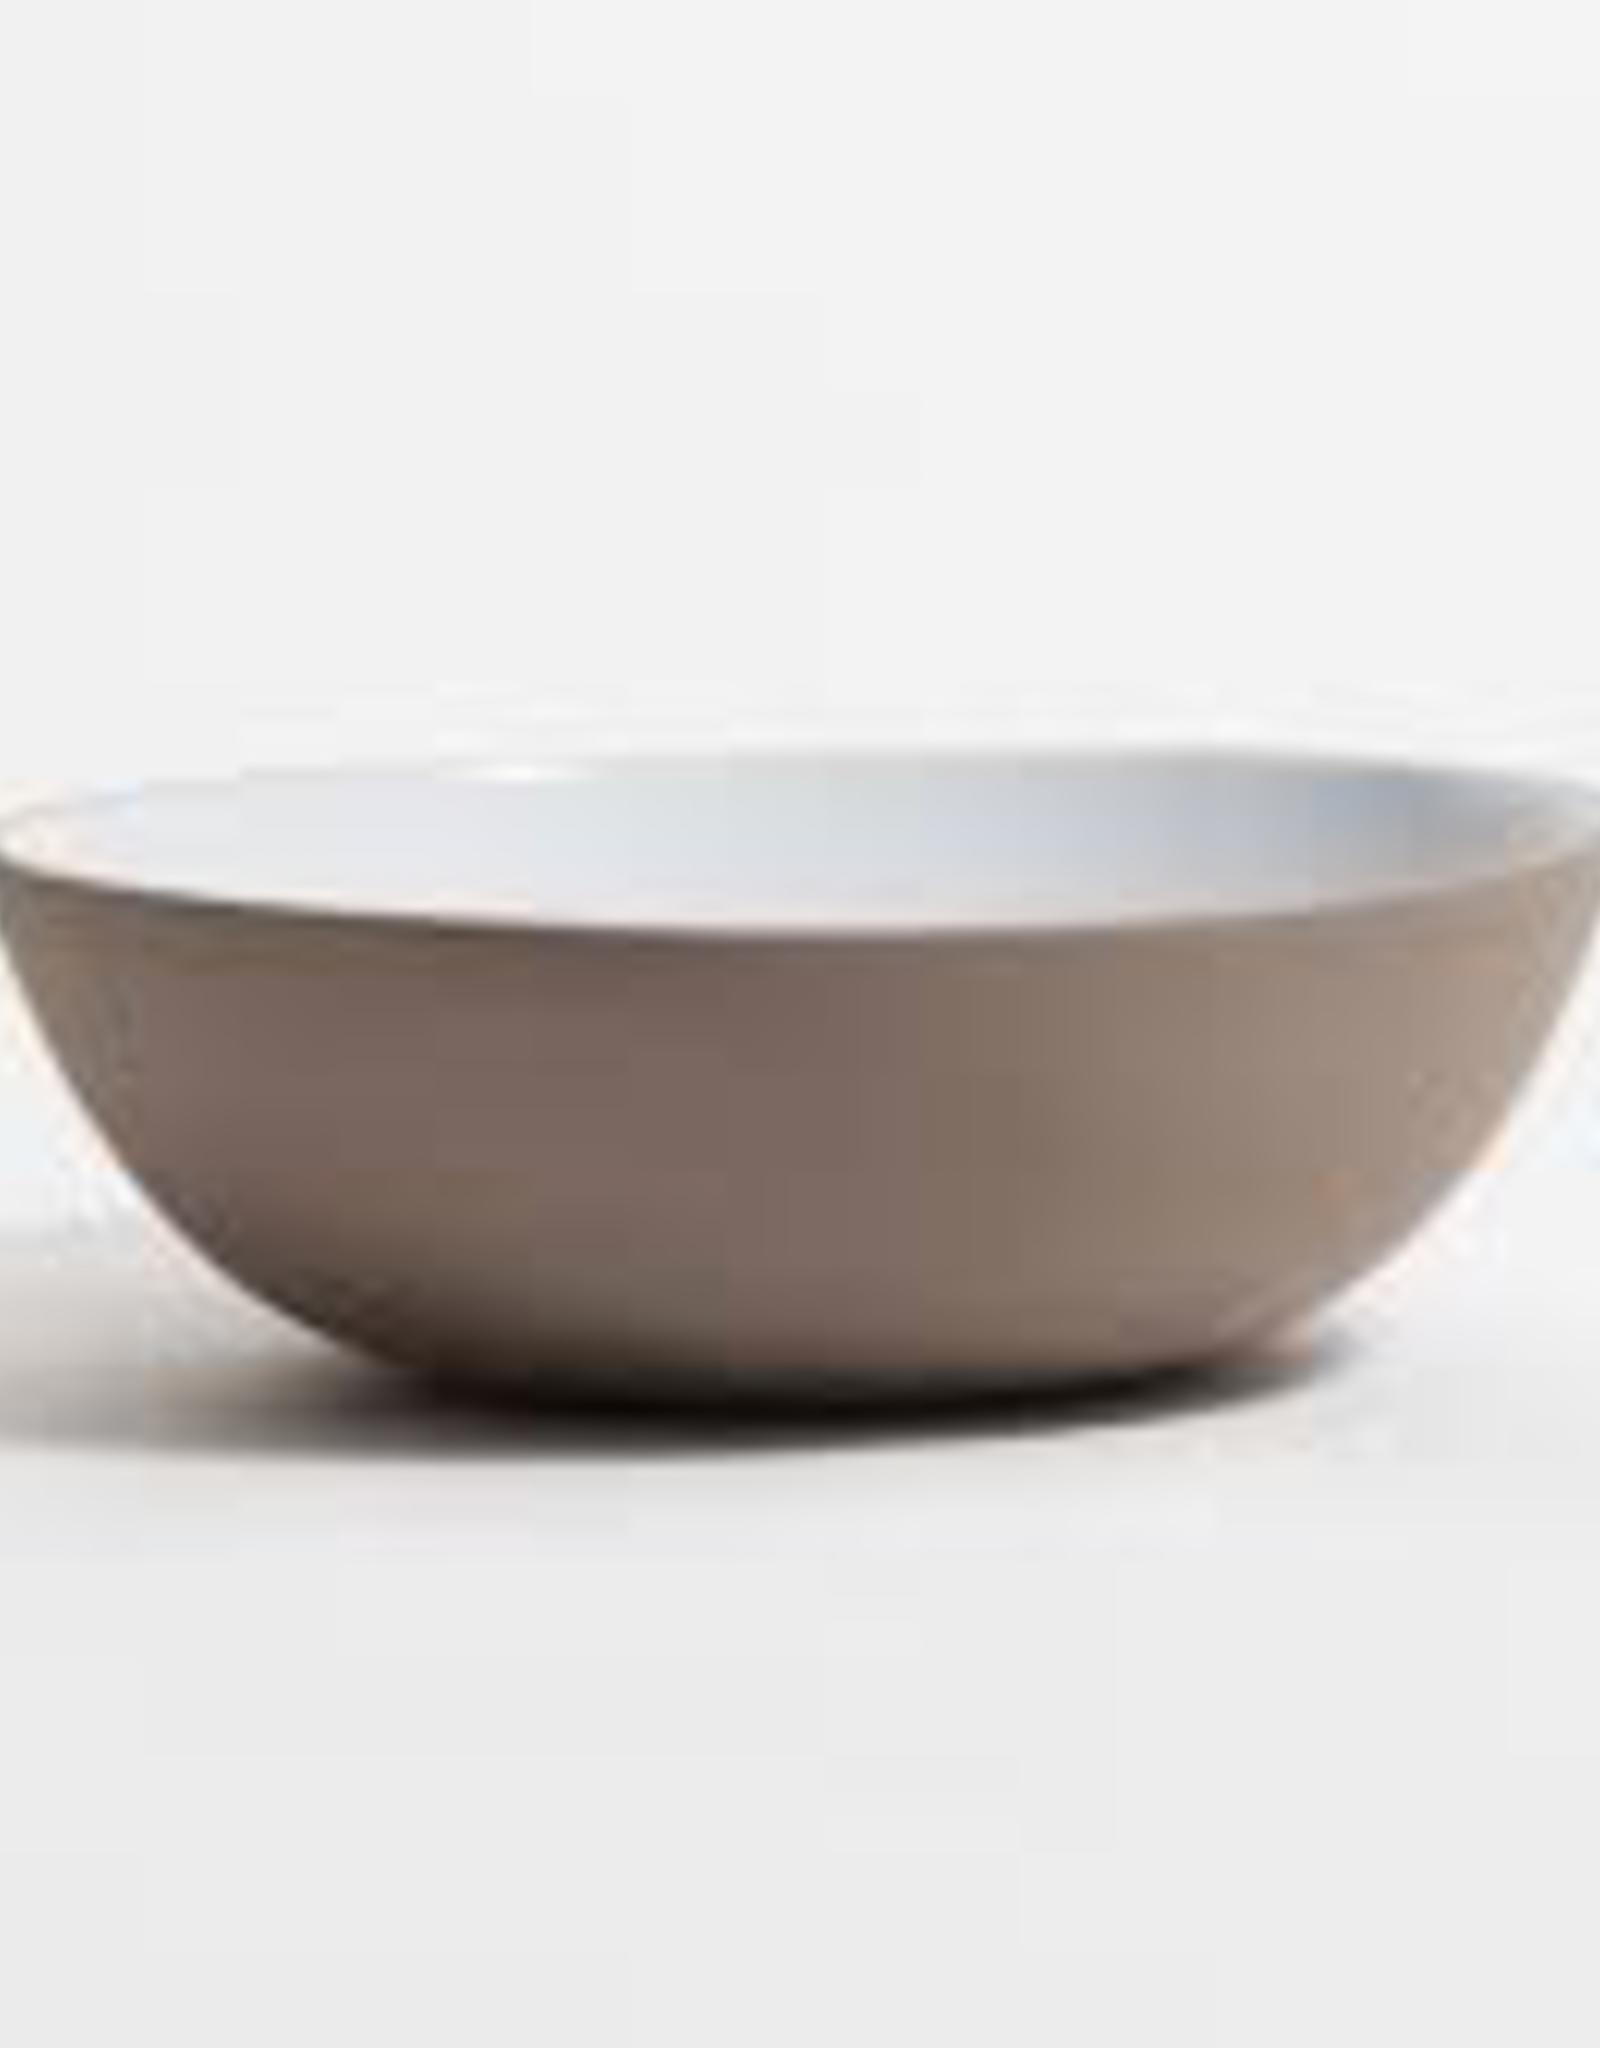 Garrido Stoneware Bowl-Large